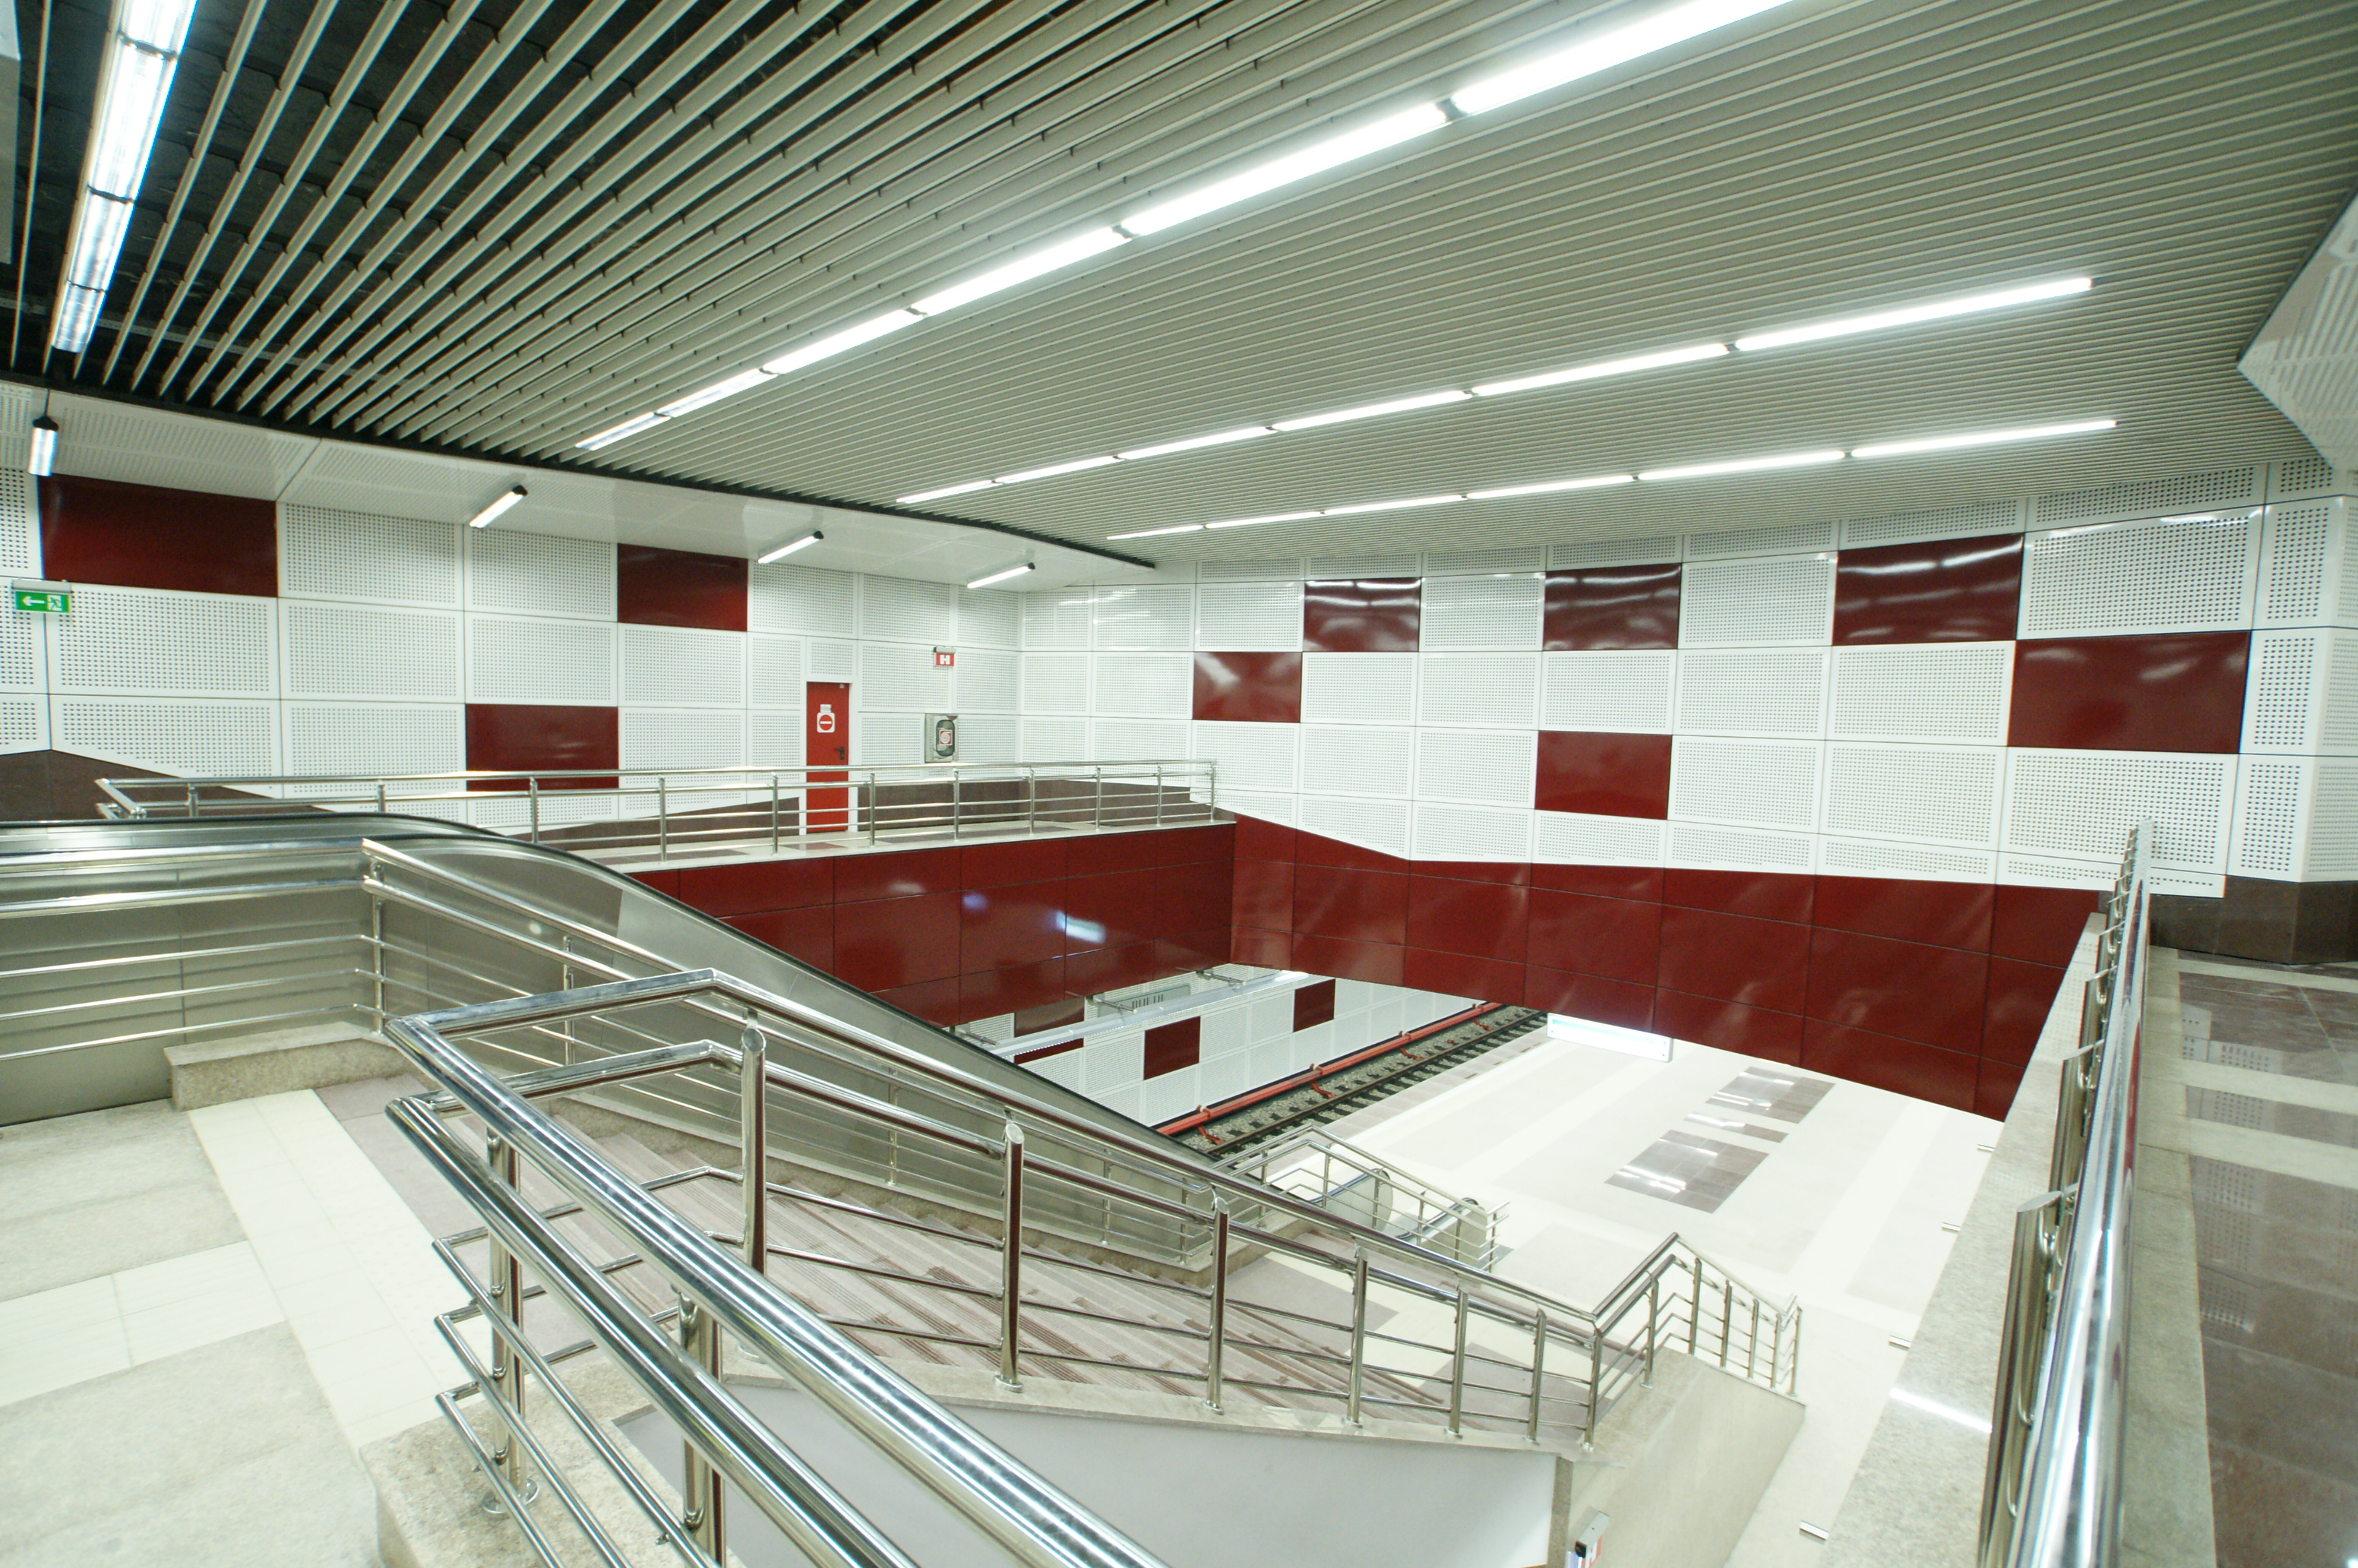 Panouri din tabla de otel folosite la statia de metrou Jiului OMERAS - Poza 10